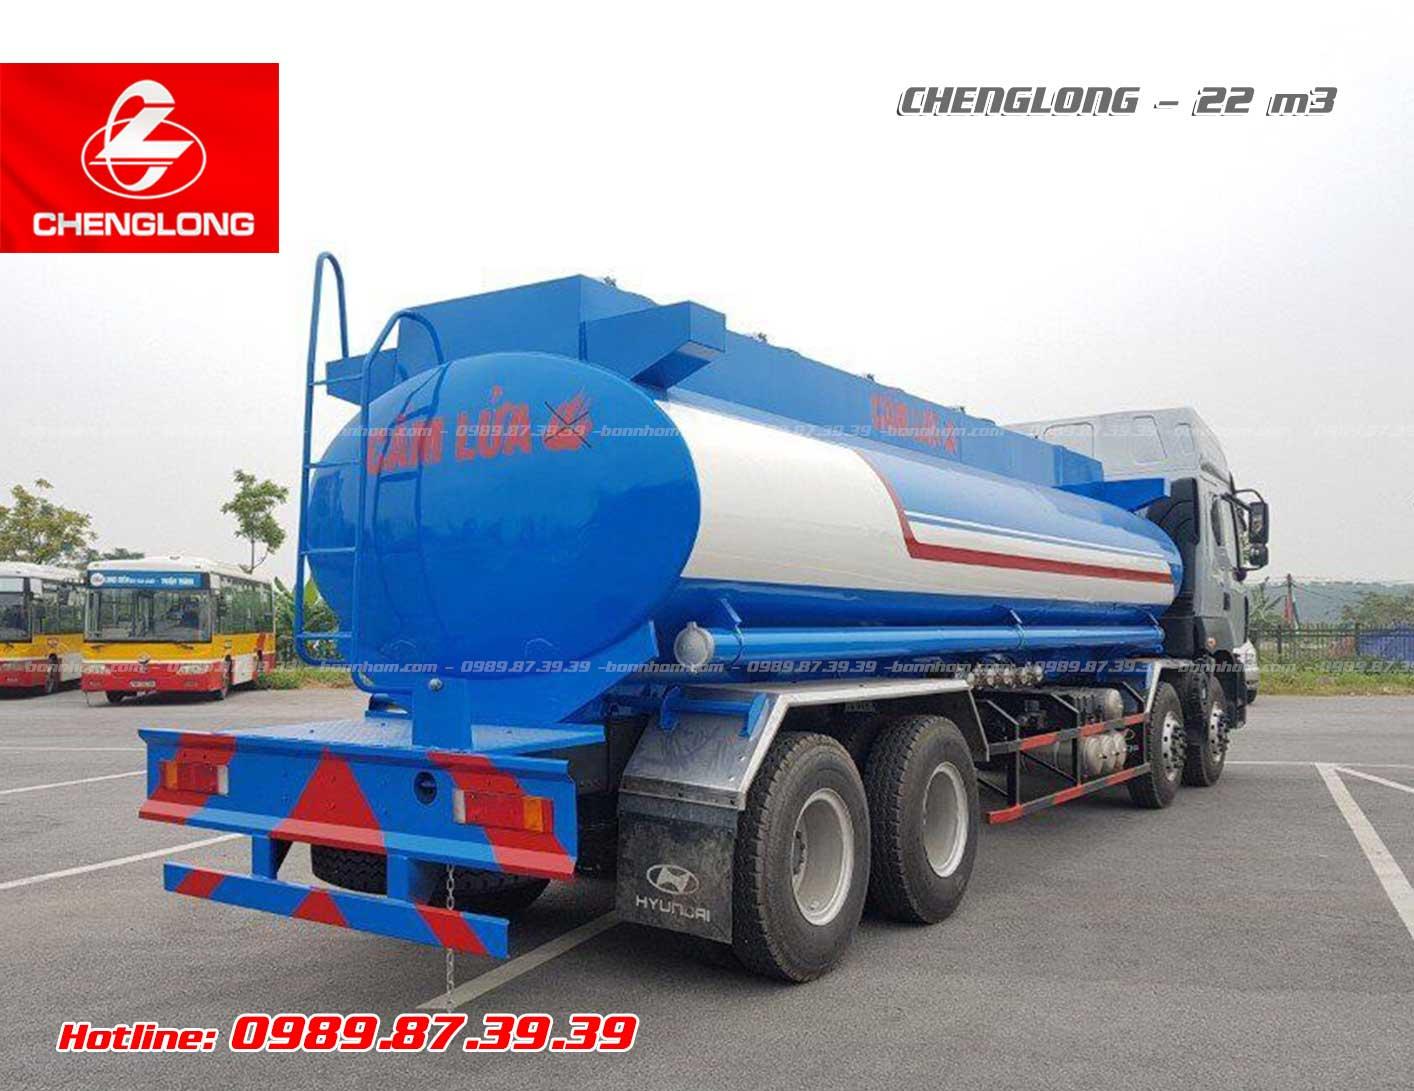 Xe bồn chở xăng dầu Chenglong 4 chân 22m3 khối